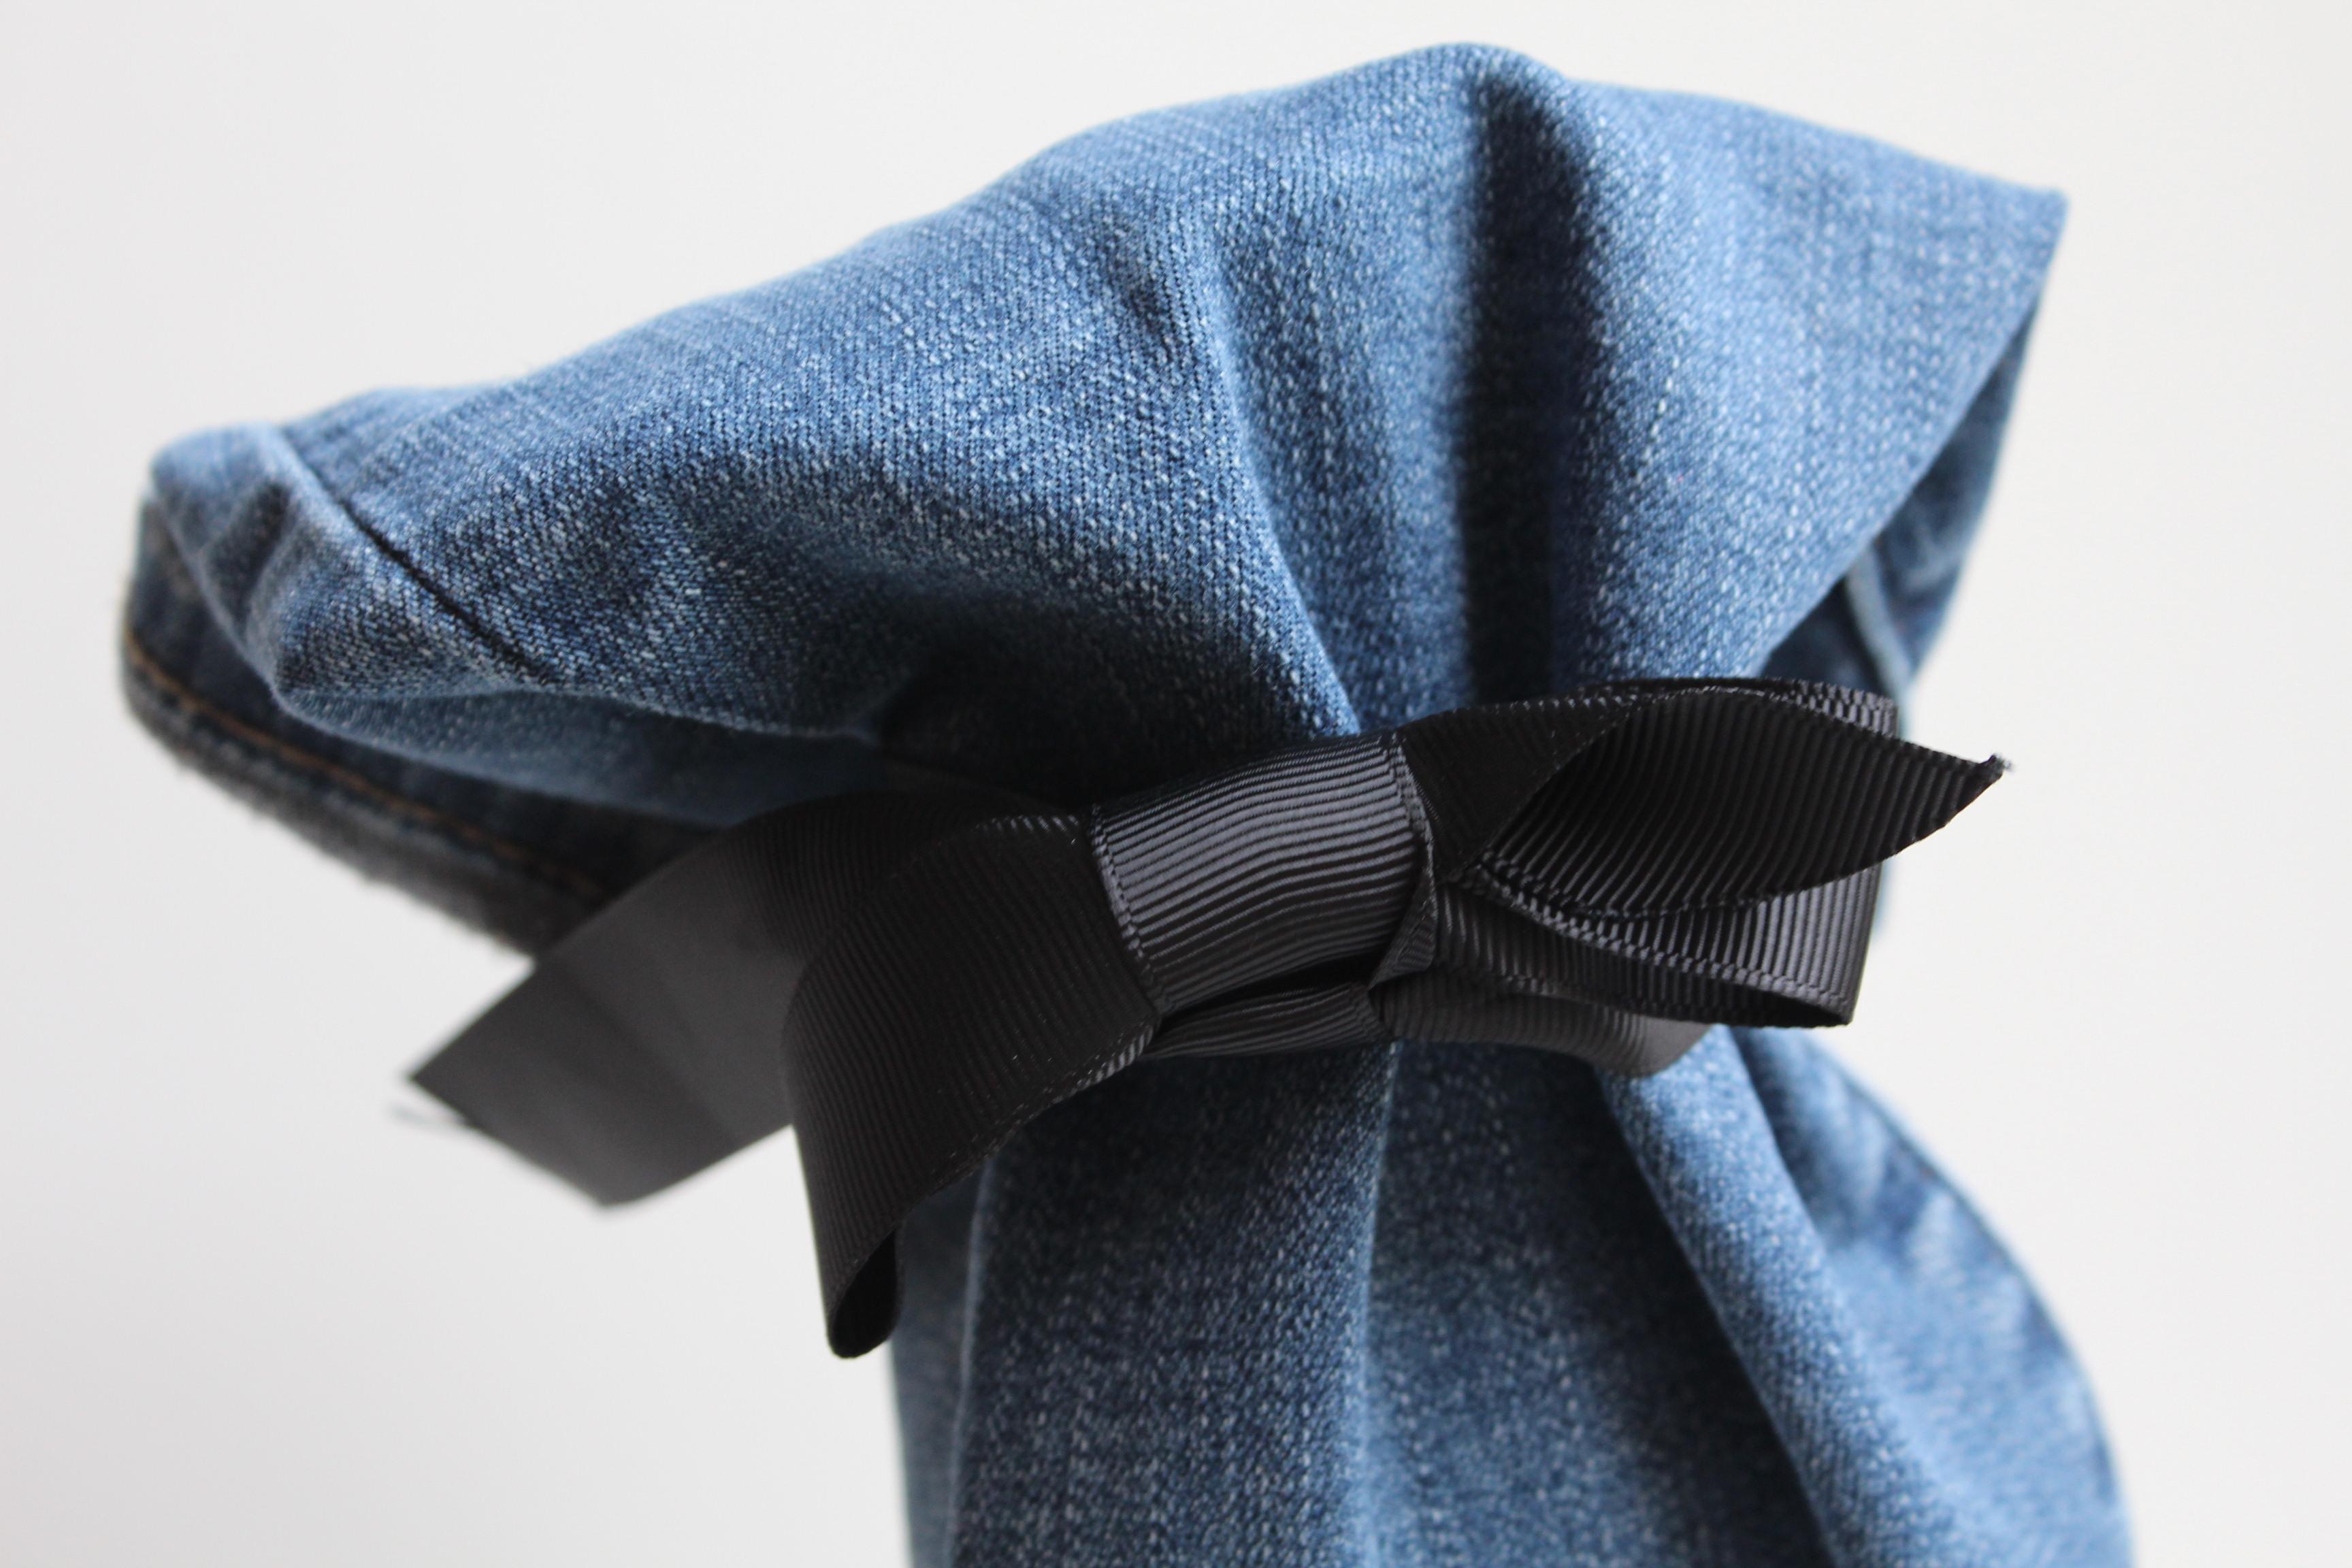 quoi faire avec ses vieux jeans trou s un porte. Black Bedroom Furniture Sets. Home Design Ideas